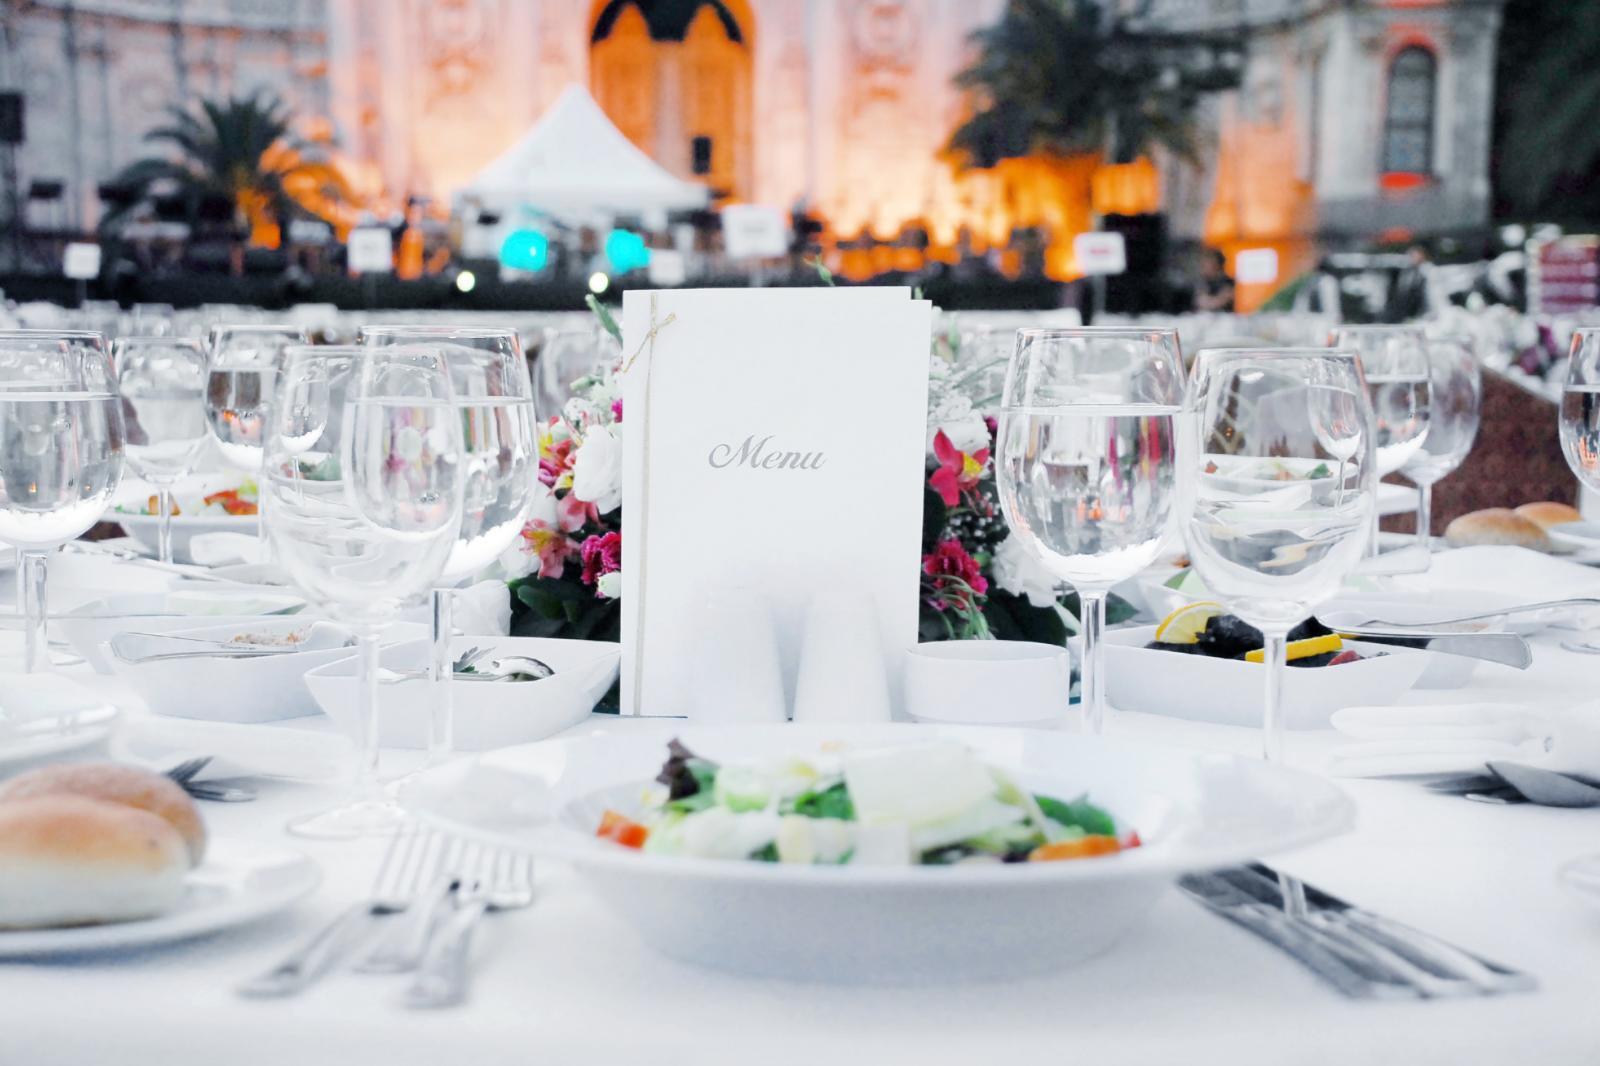 Mesa de recepción de boda con menú